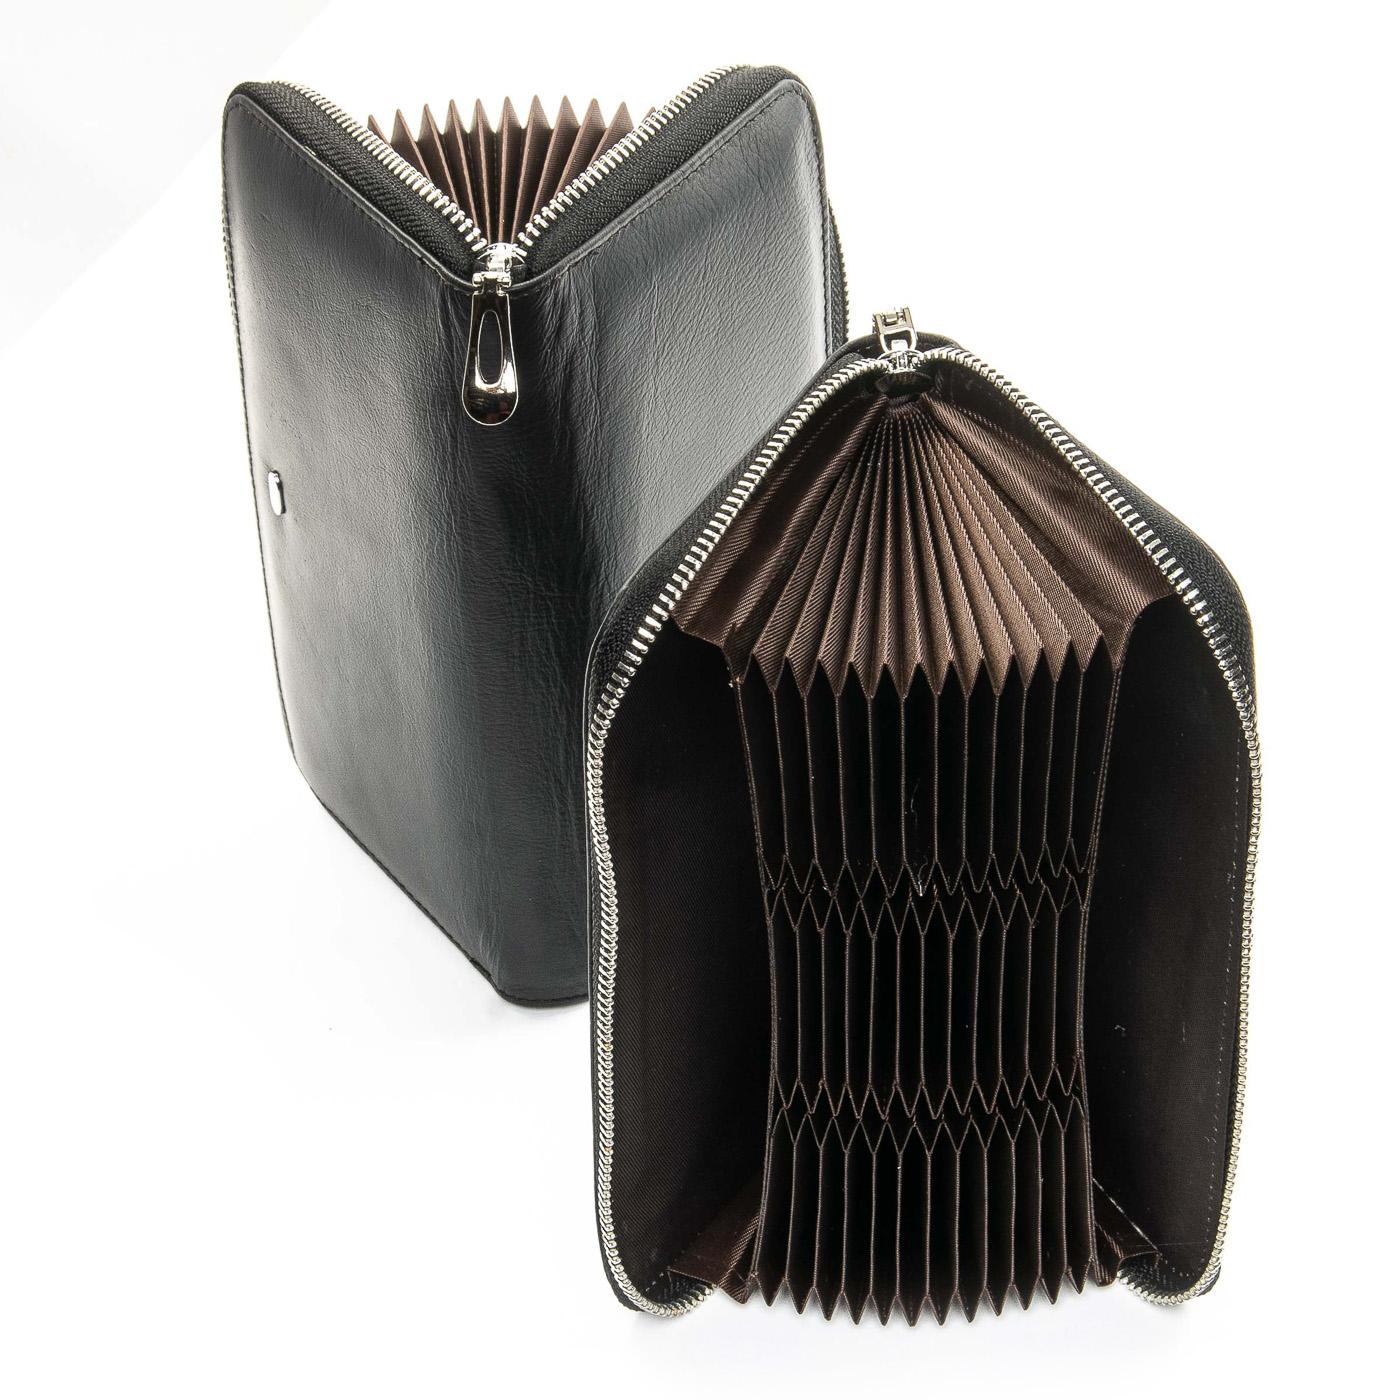 Кошелек Classic кожа DR. BOND WS-8 black - фото 4